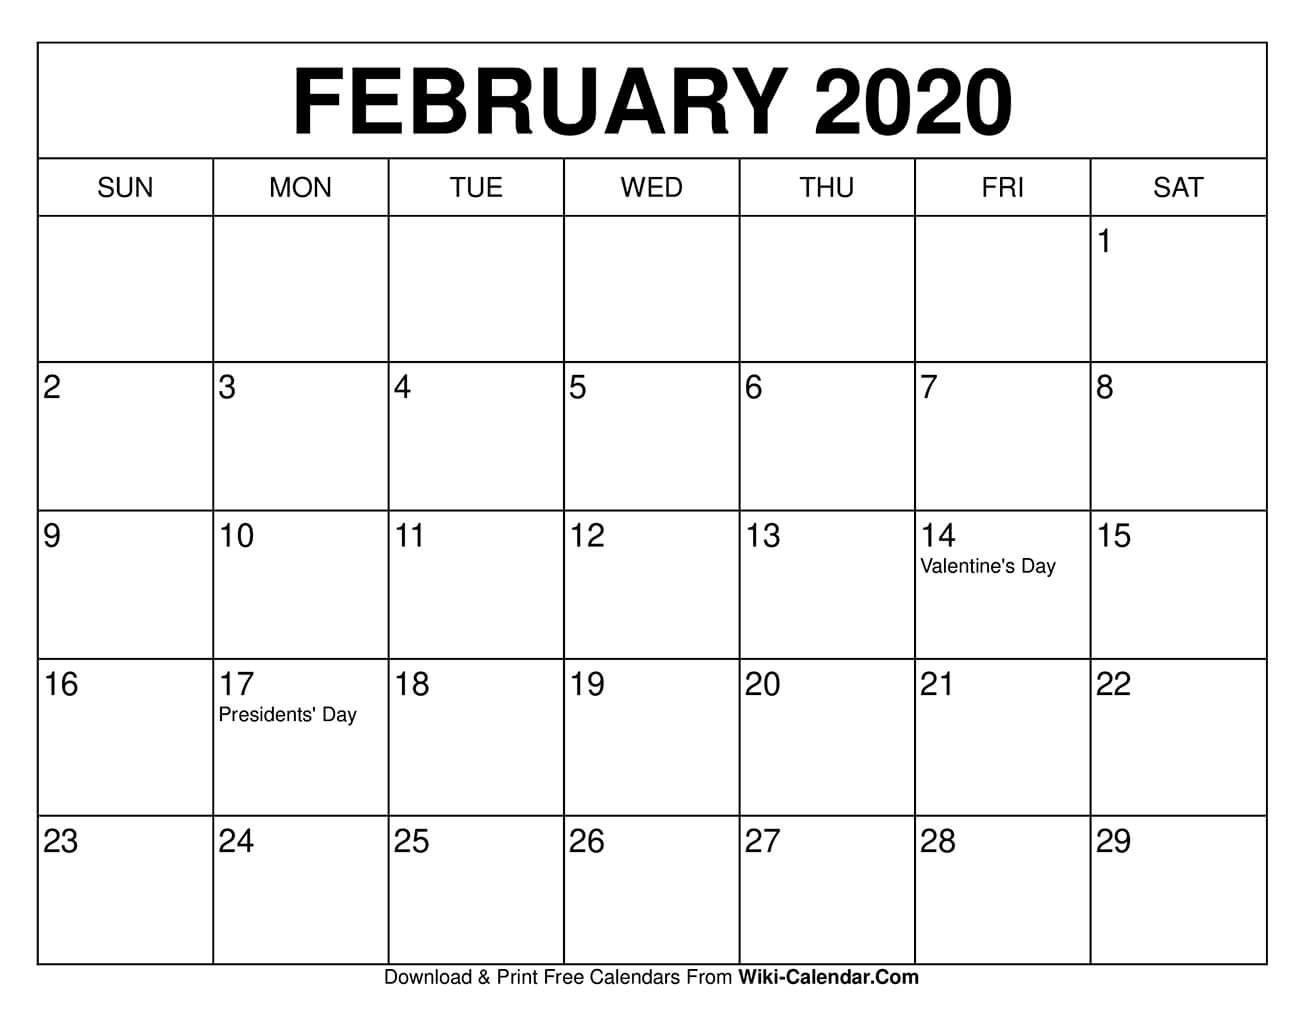 Free Printable February 2020 Calendar Templates These Free February Calendars Are Pdf Files That Do Free Calendars To Print Calendar Printables Free Calendar